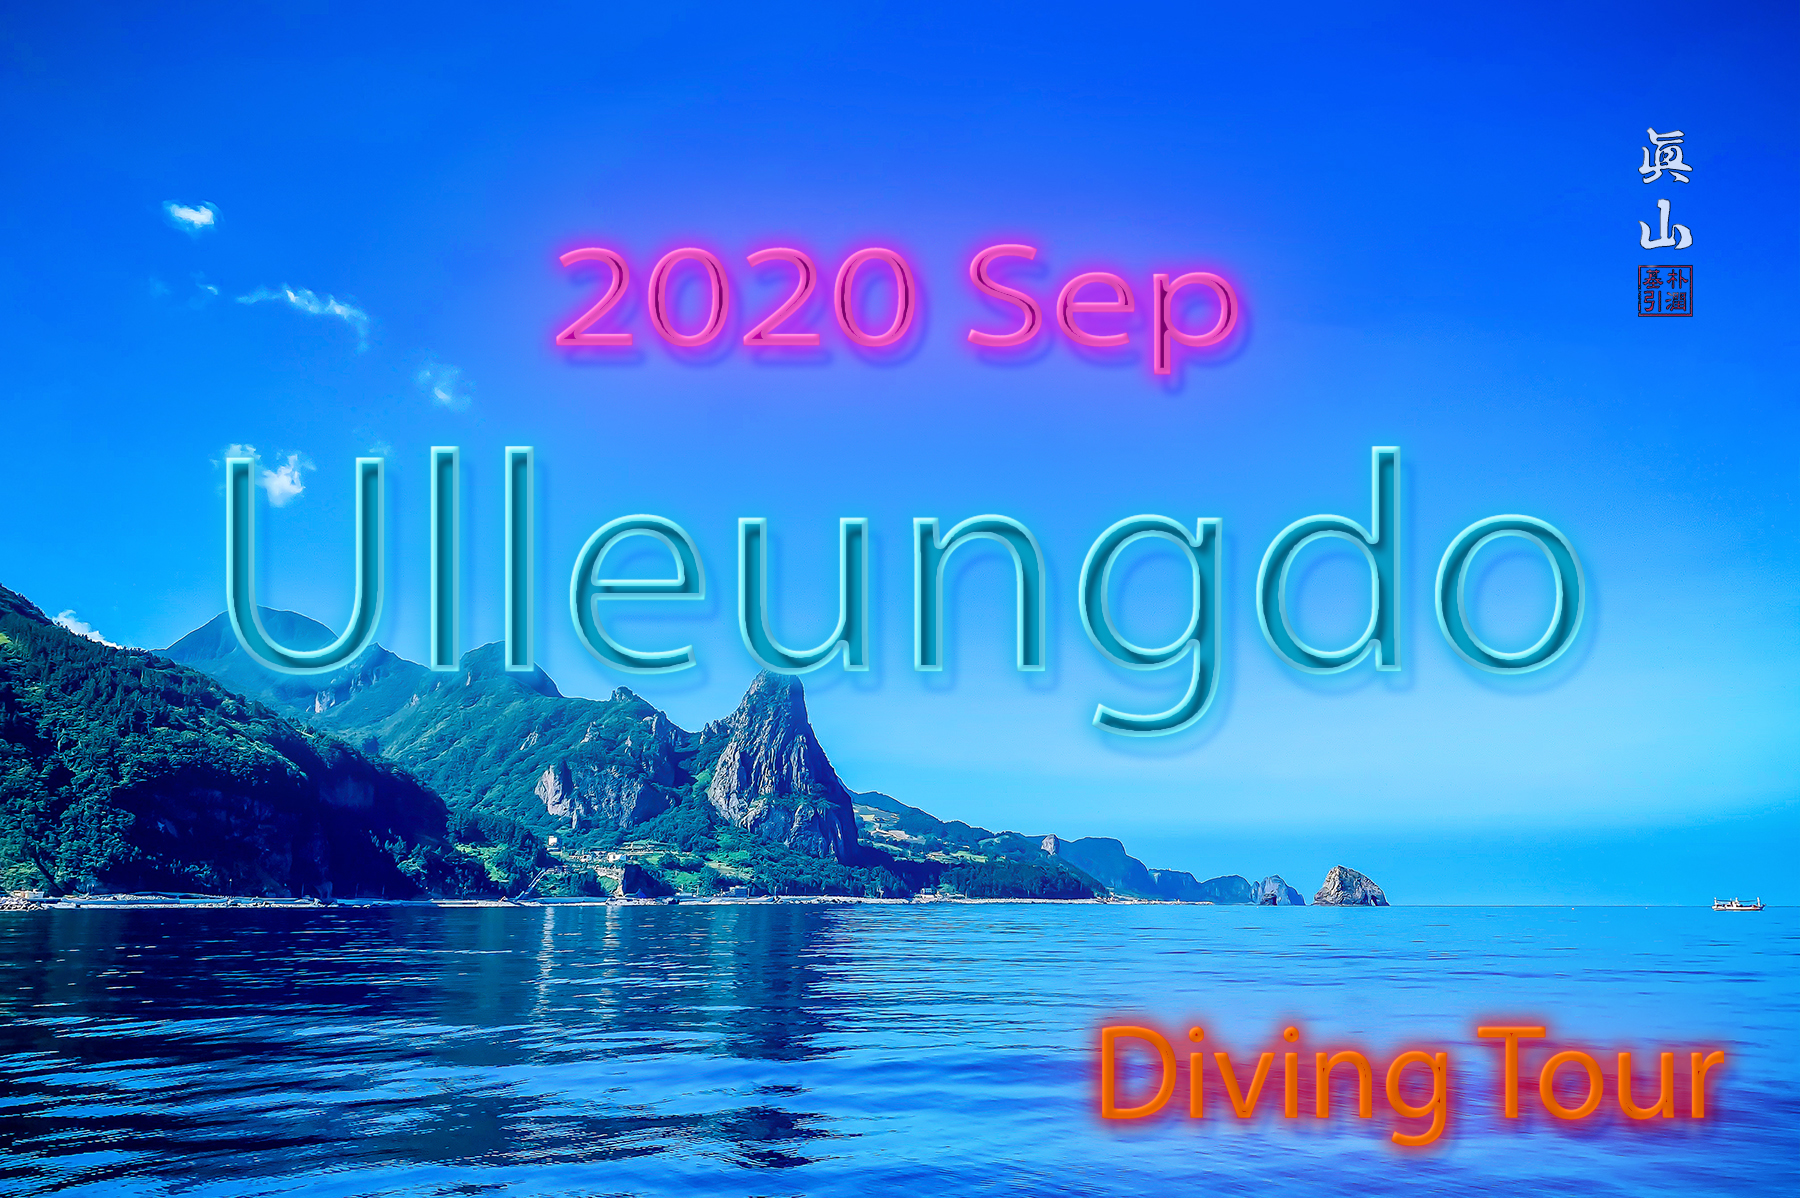 2020년 울릉도 다이빙 투어